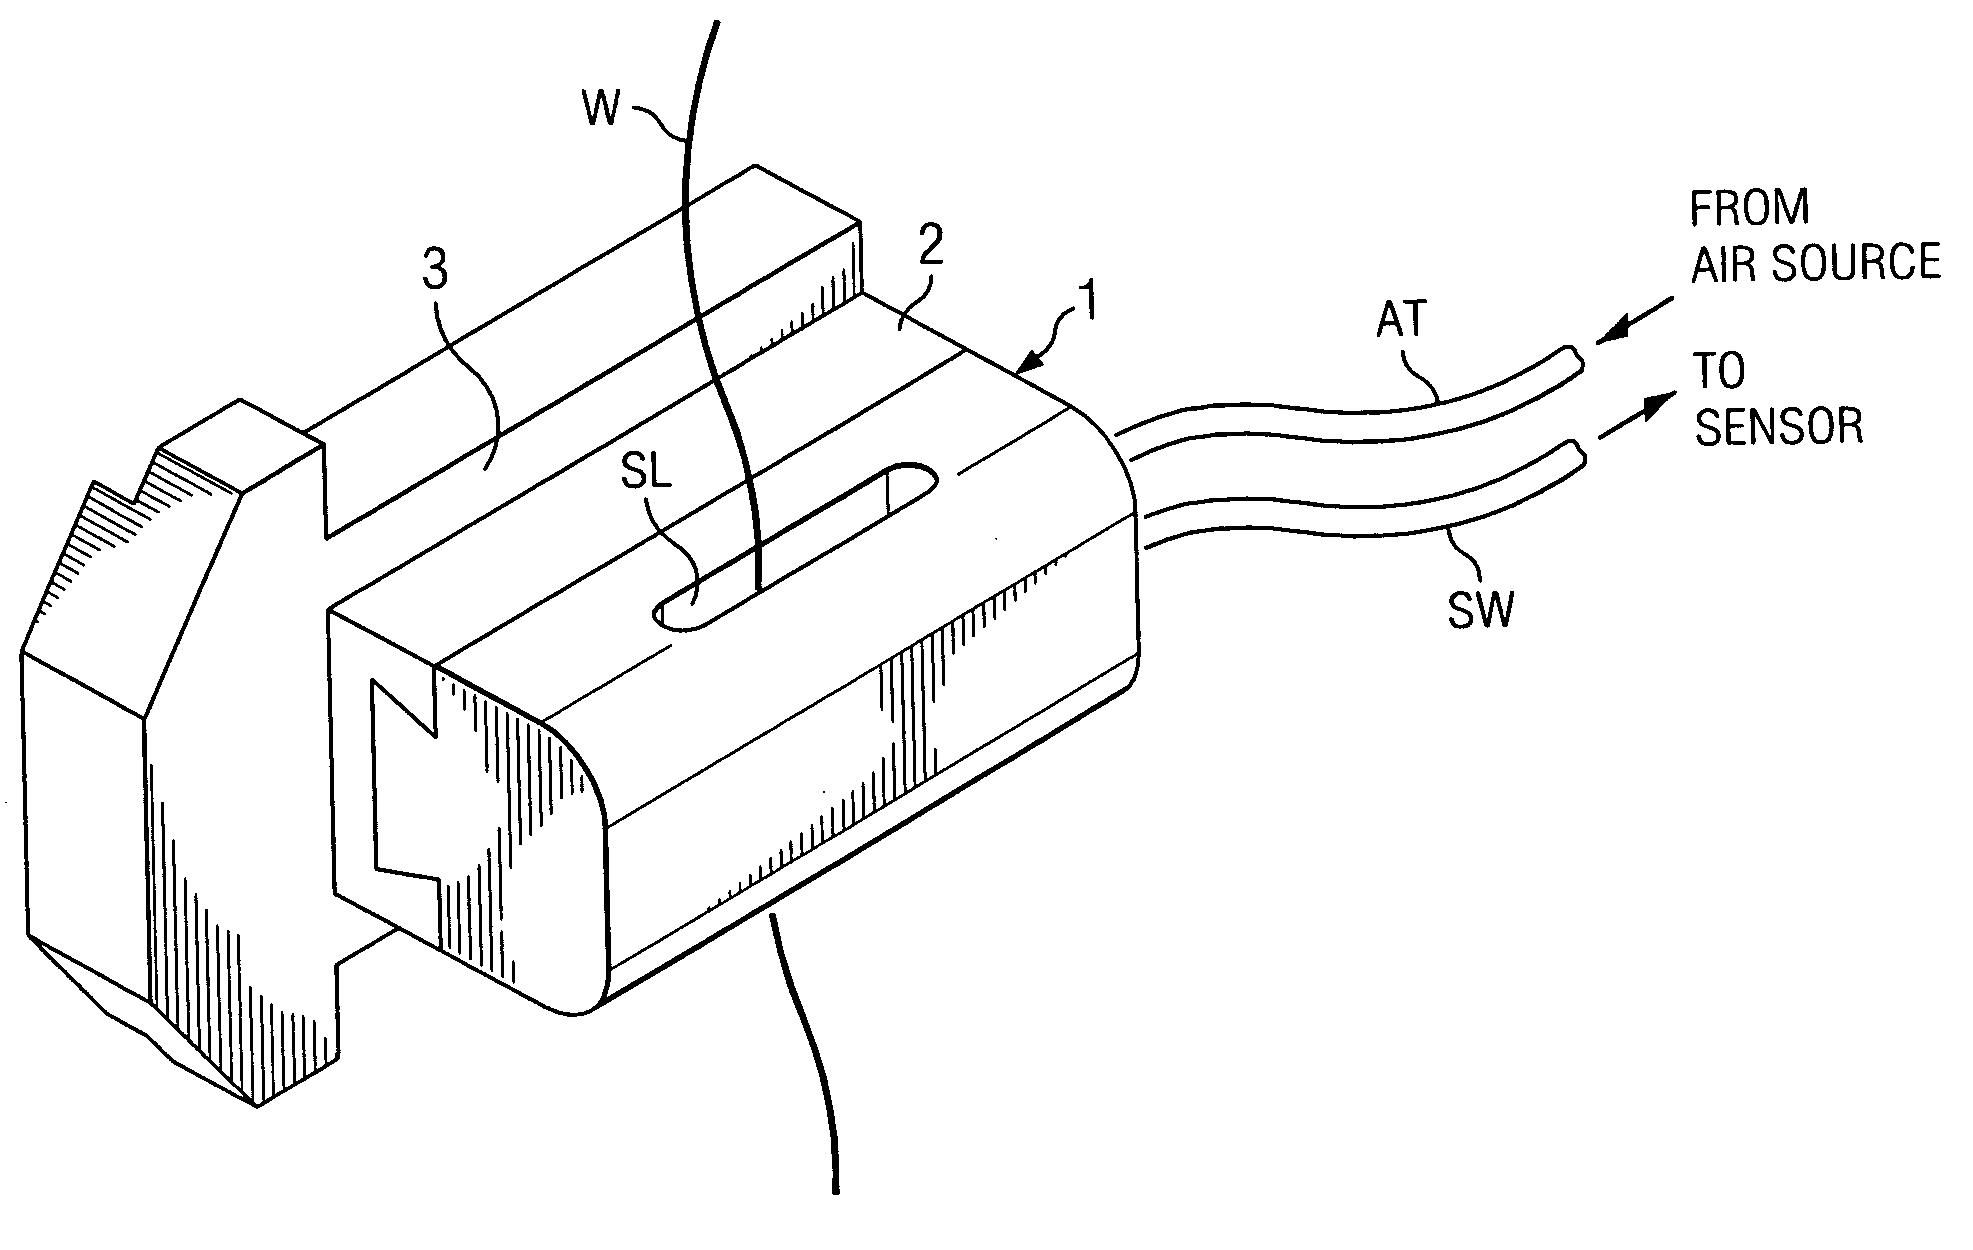 Garmin 178c Transducer Wiring Diagram, Garmin, Free Engine